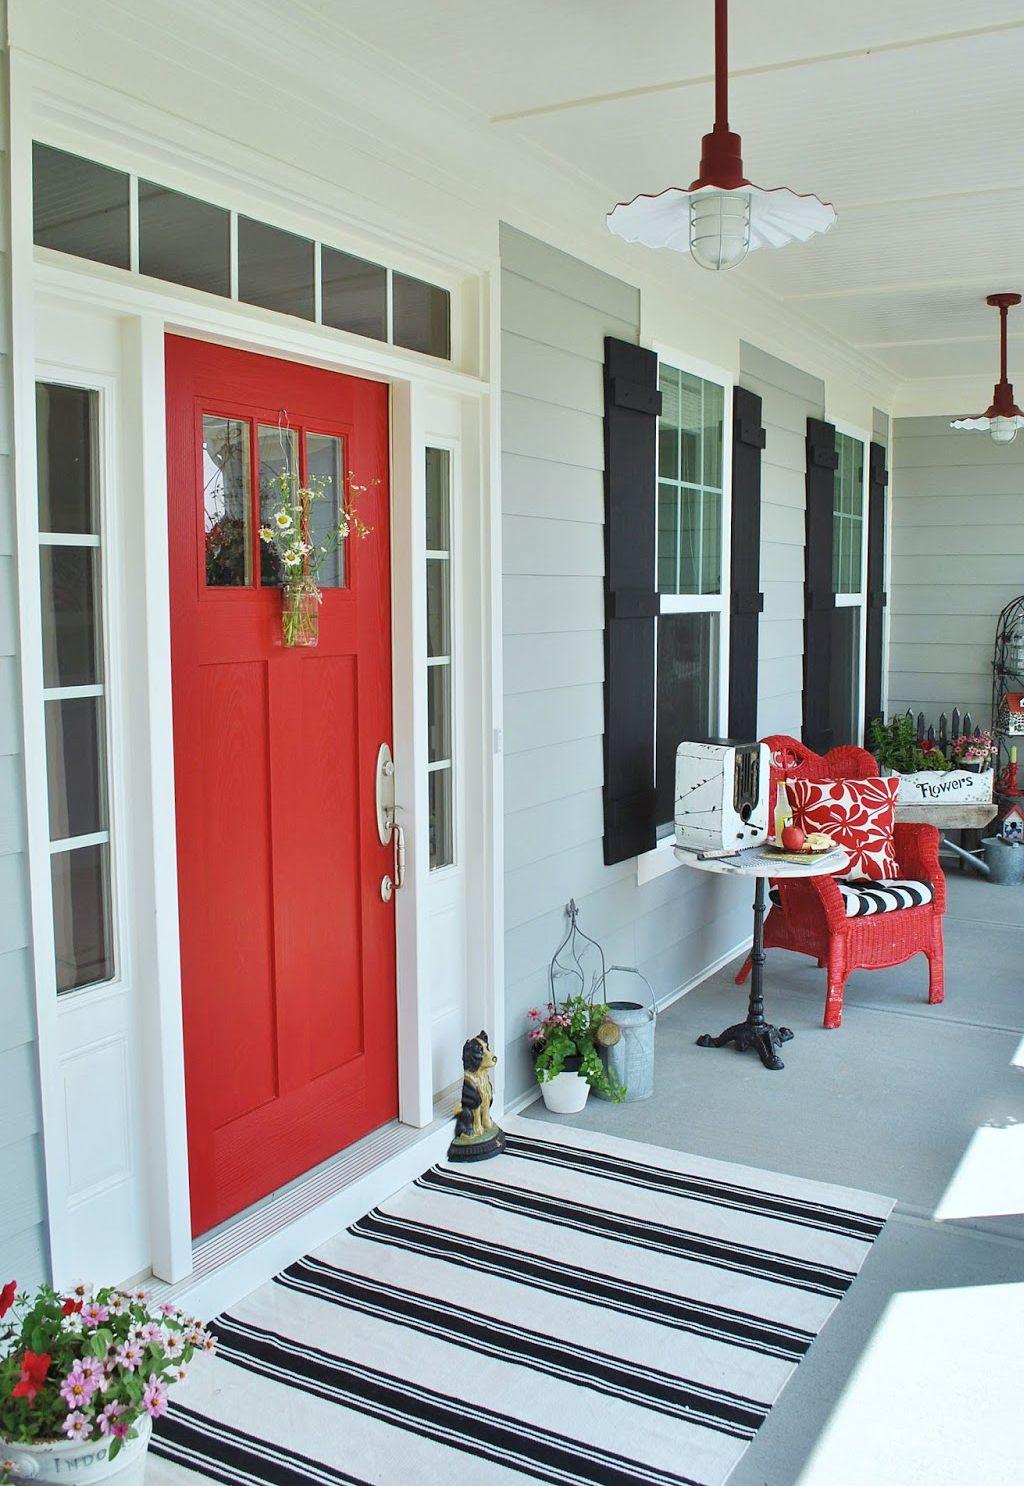 Front door in Positive Red by Sophia's Blog